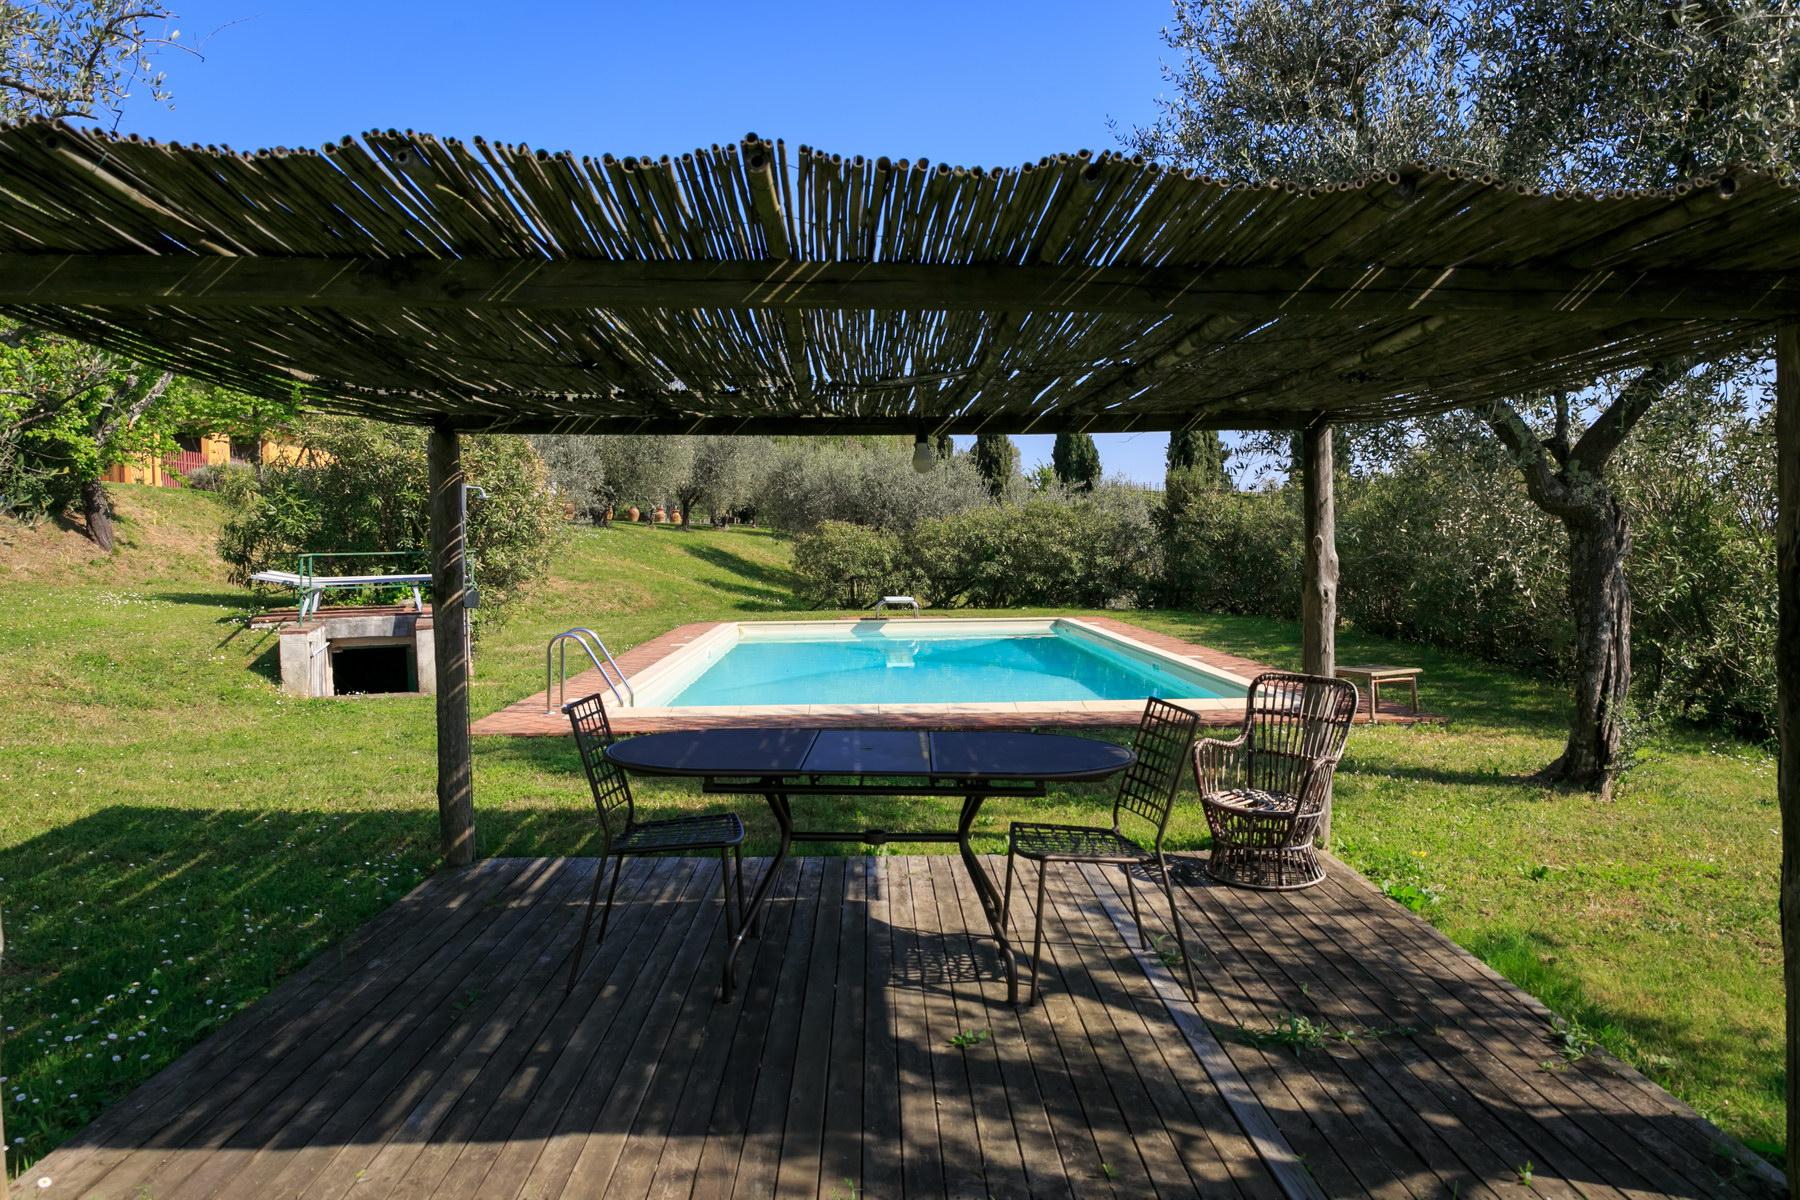 Rustico in Vendita a Capannori: 5 locali, 510 mq - Foto 8